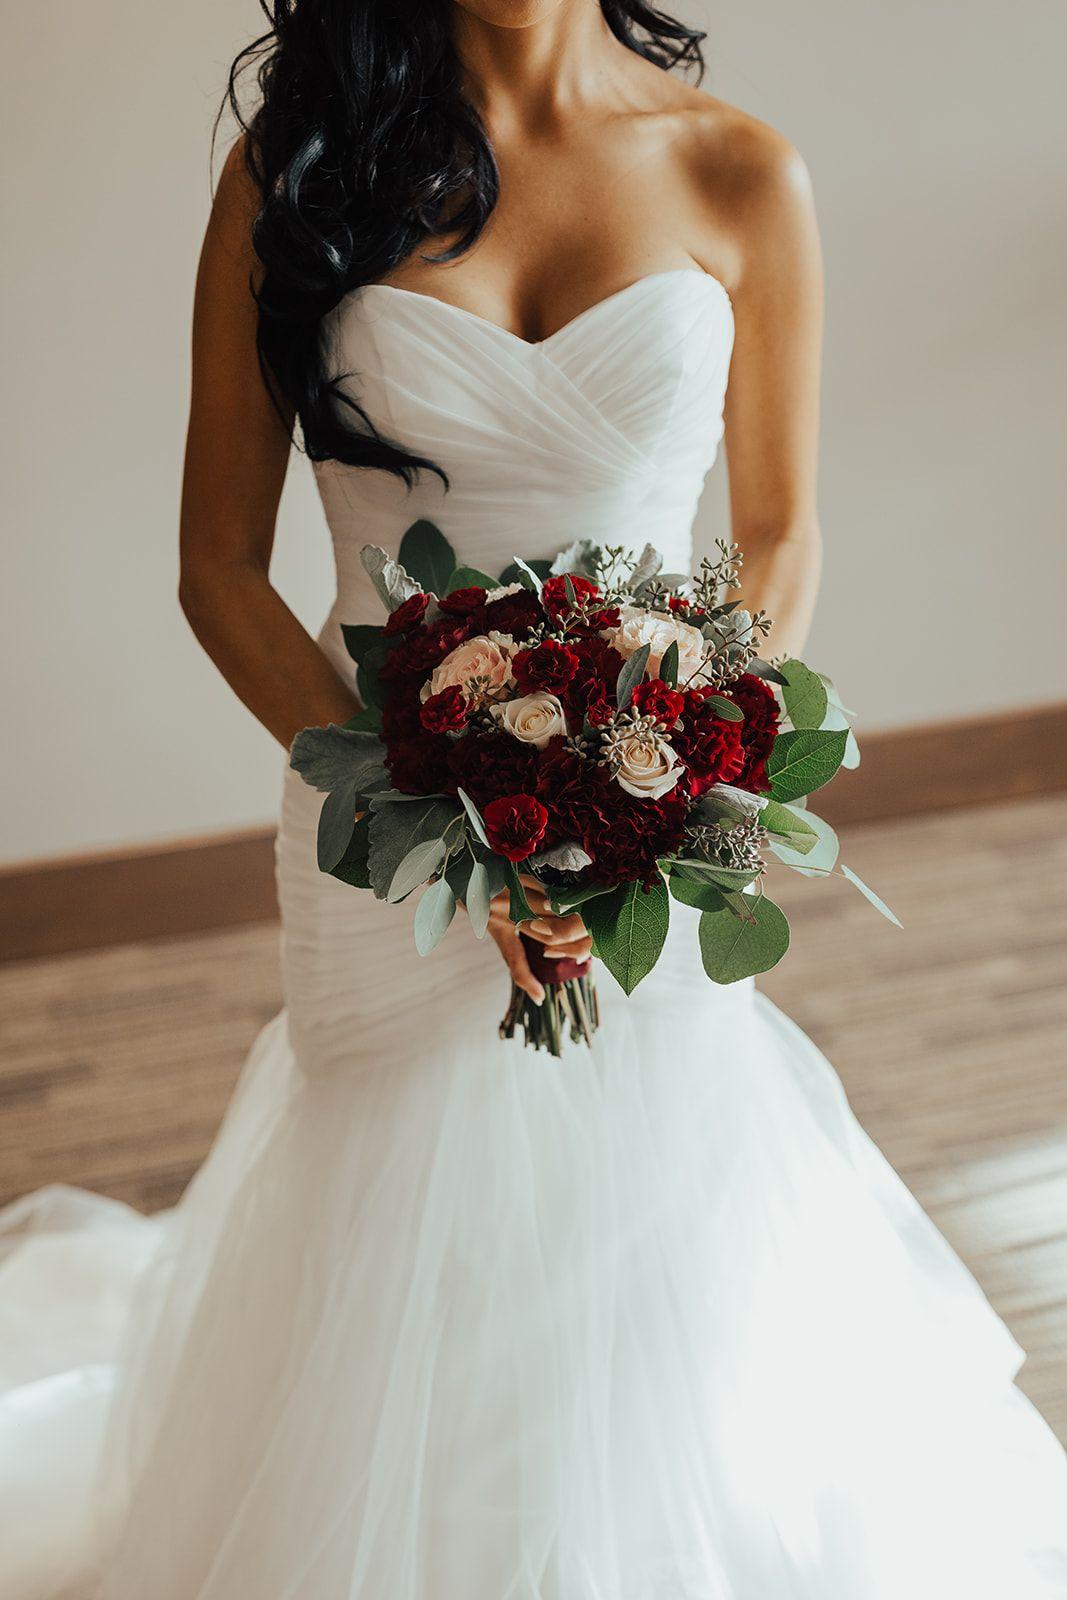 Leesburg Virginia Wedding - Twin Firs Photography